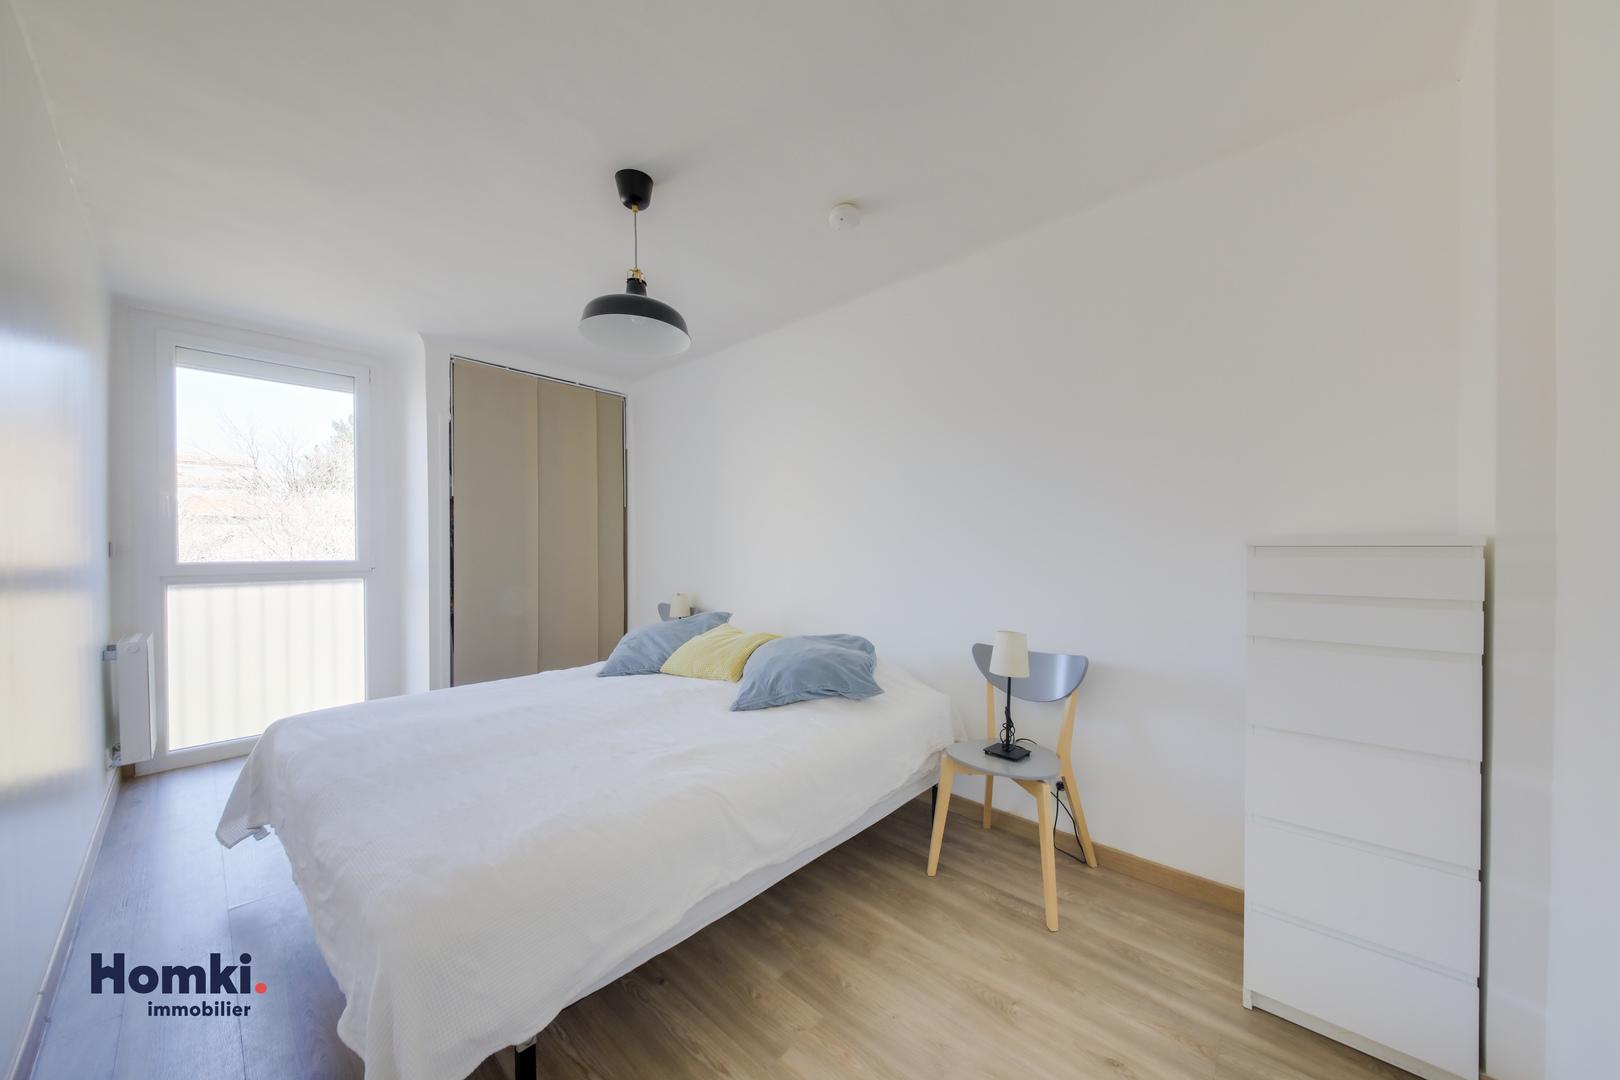 Vente Appartement 80 m² T4 13400_9